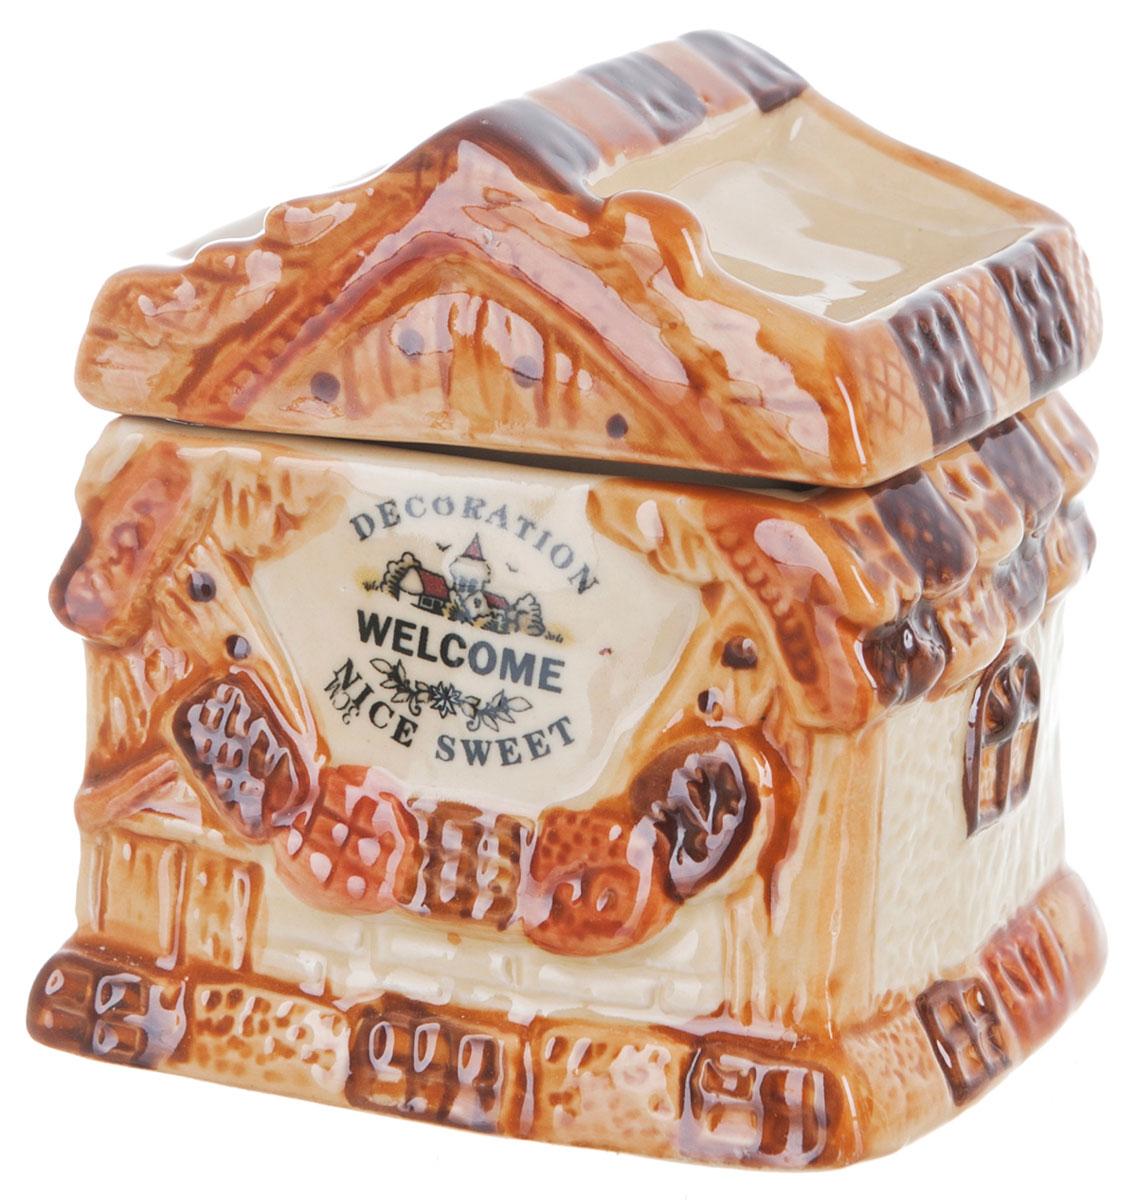 Банка для сыпучих продуктов ENS Group Дом, милый дом, 250 мл0790052Банка для сыпучих продуктов изготовлена из высококачественной керамики. Изделие оформлено красочным изображением в виде домика. Банка прекрасно подойдет для хранения различных сыпучих продуктов: чая, кофе, сахара, соли. Изящная емкость не только поможет хранить разнообразные сыпучие продукты, но и стильно дополнит интерьер кухни. Можно использовать в посудомоечной машине.